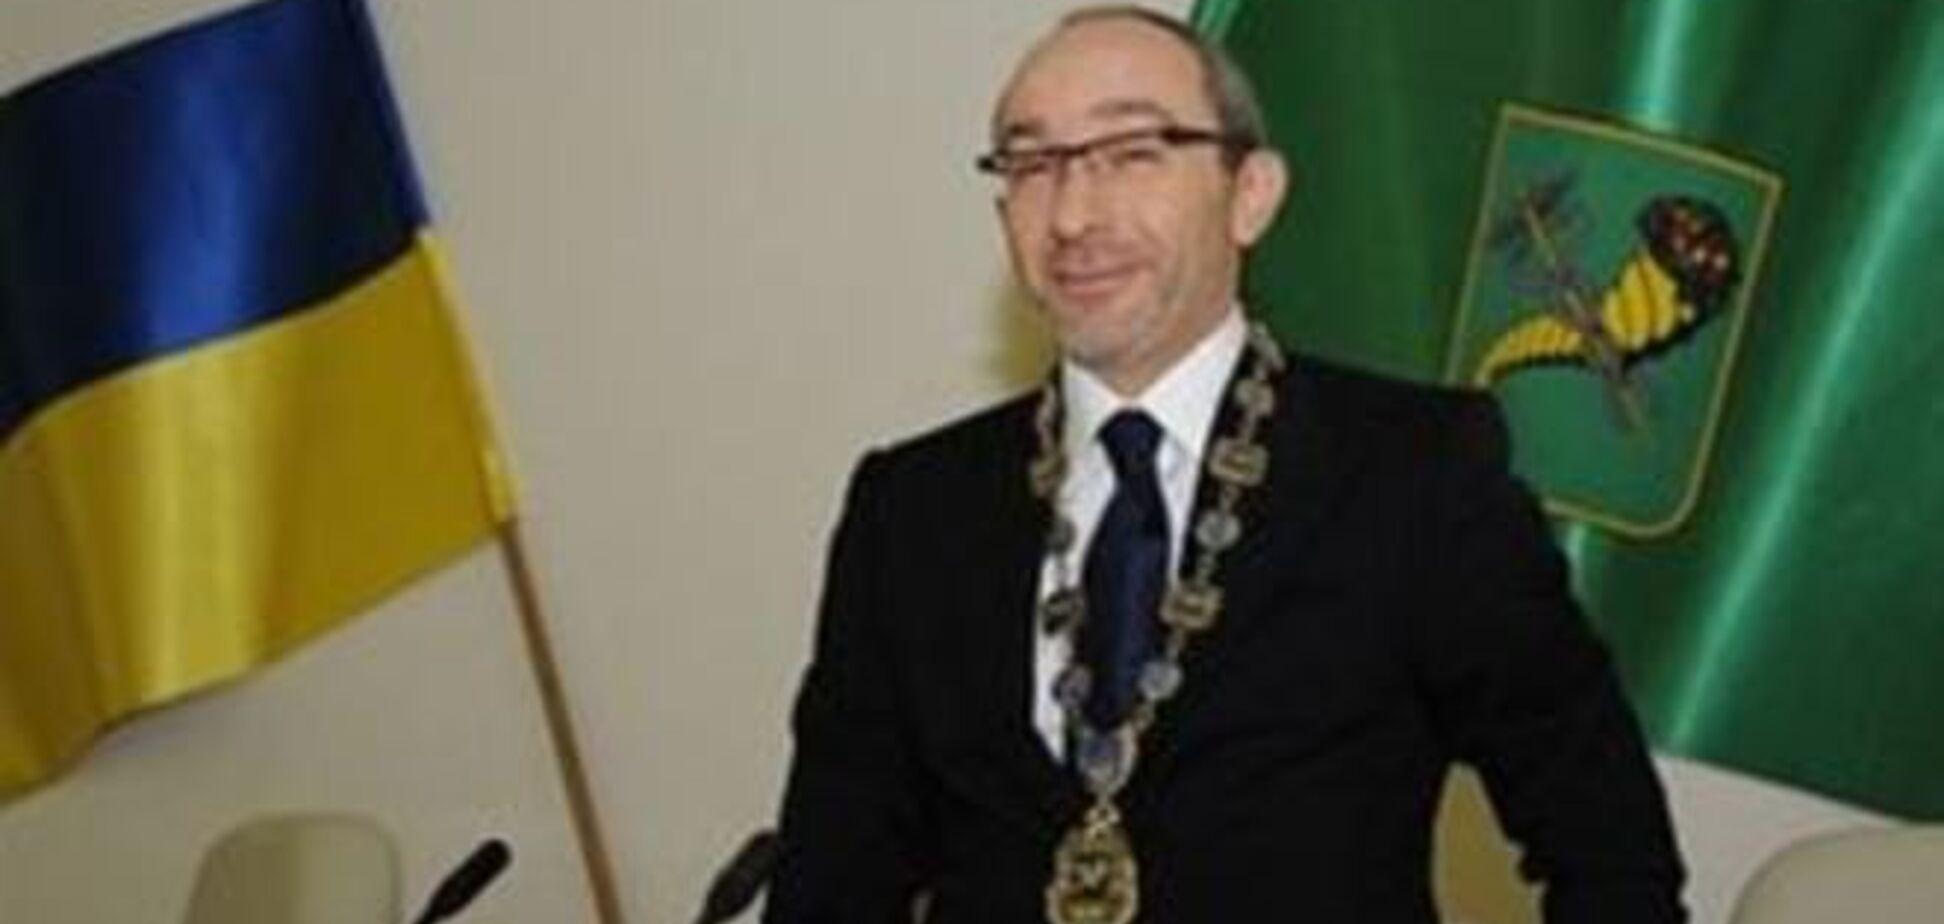 ГПУ объявила подозрение Кернесу - СМИ